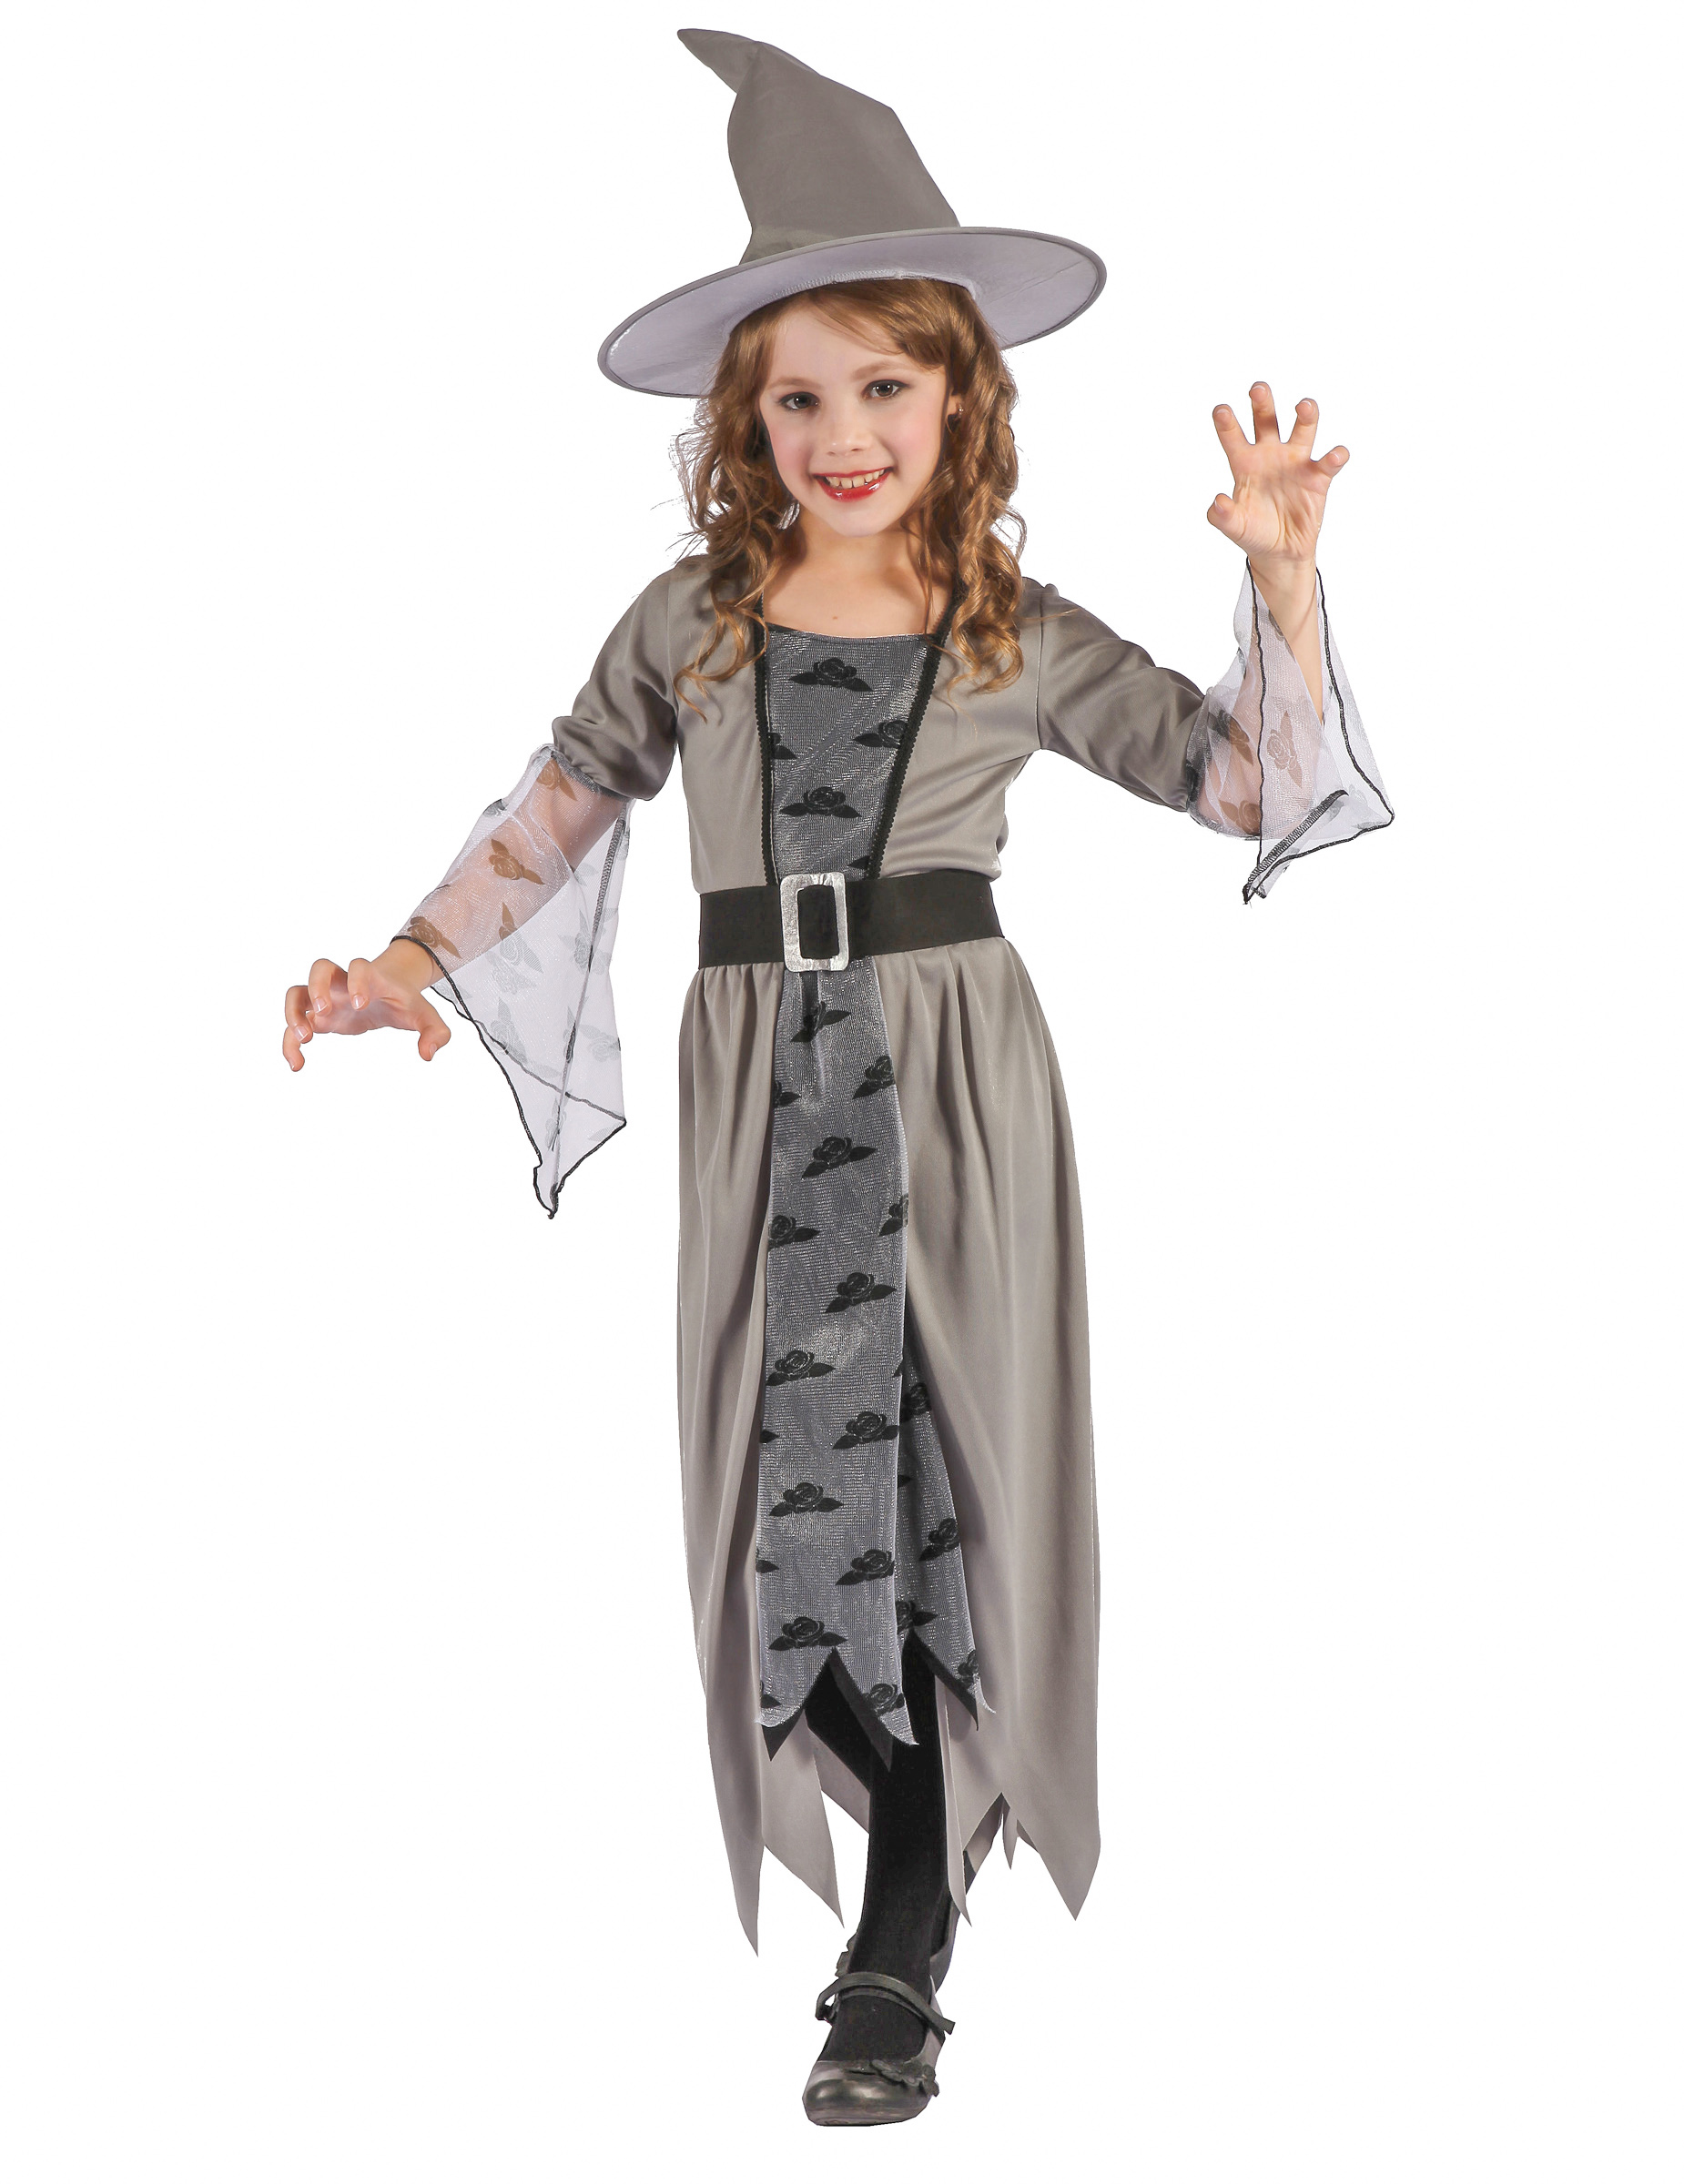 Costume da strega grigia con nuvole per bambina - Halloween  Costumi ... 76be9f24911b